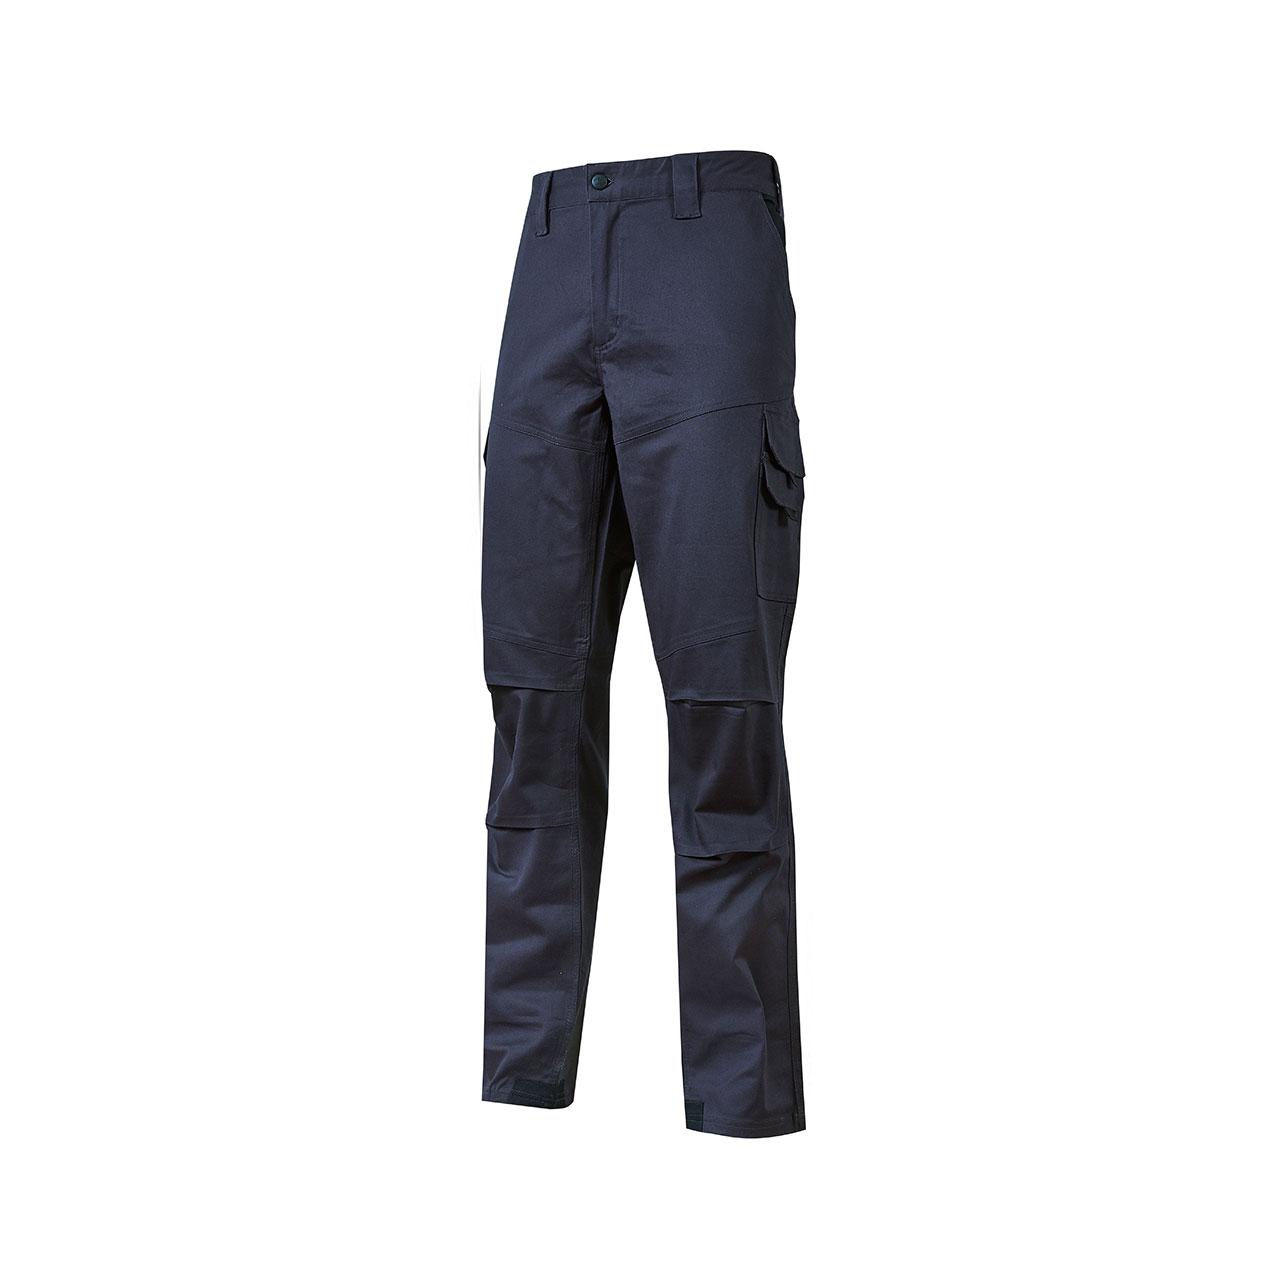 pantaloni da lavoro upower modello guapo colore westlake blue